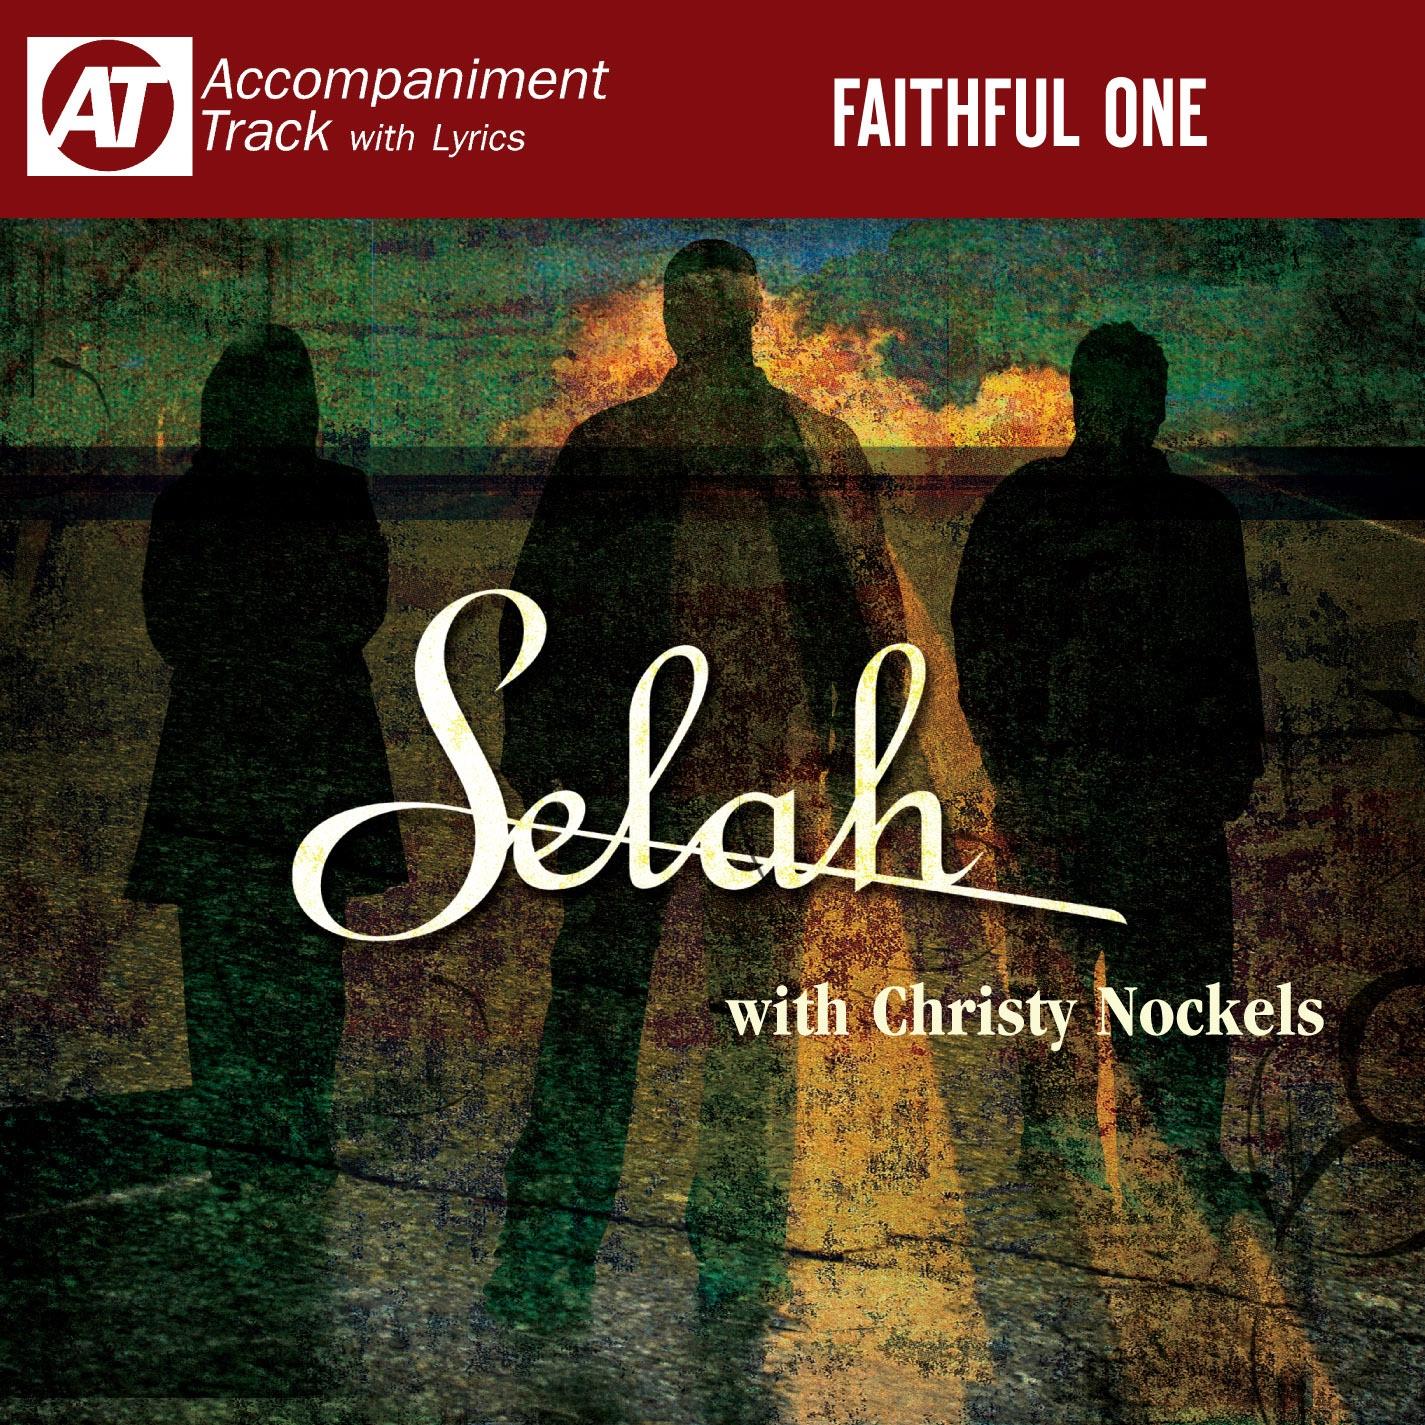 Faithful One (Accompaniment Track) [feat. Christy Nockels] - EP